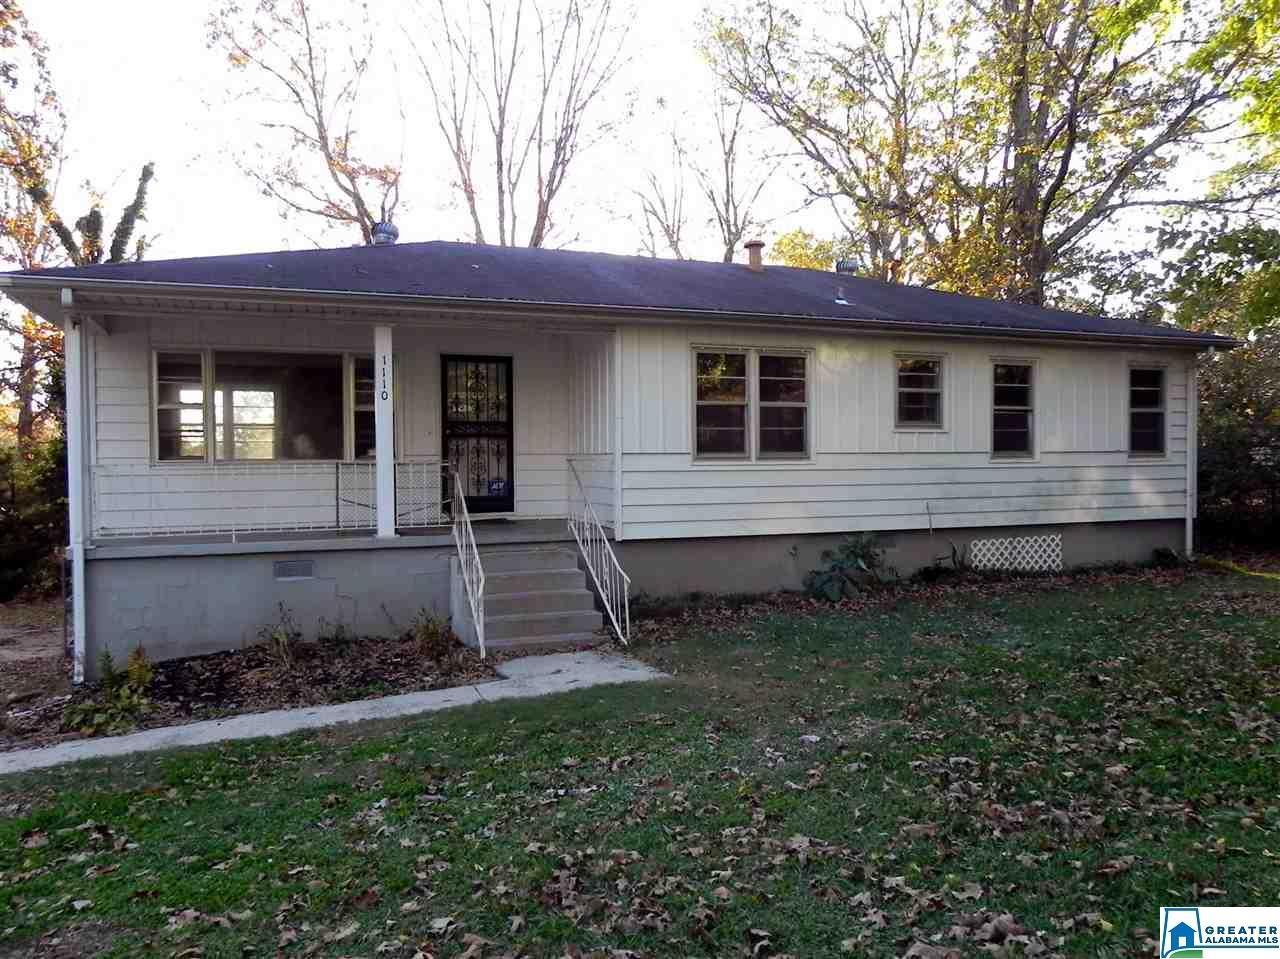 1110 RAINBOW CIR, Anniston, AL 36207 - MLS#: 901651